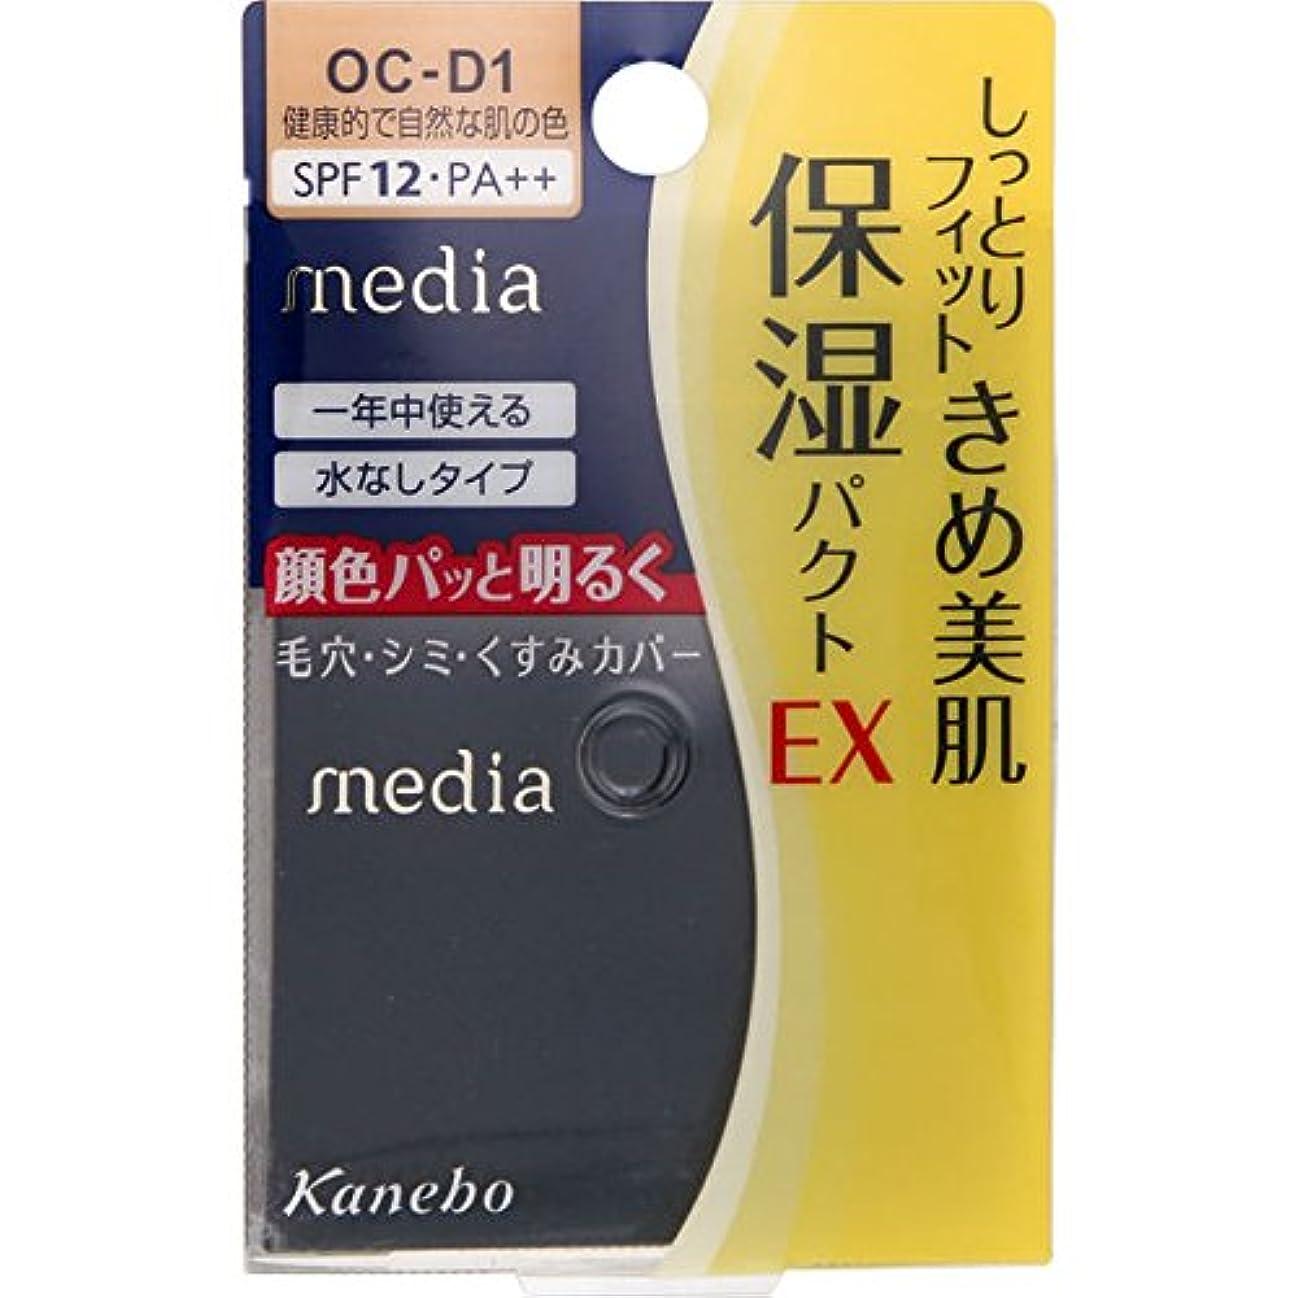 絶滅武器フィヨルドカネボウ メディア モイストフィットパクトEX OC-D1(11g)